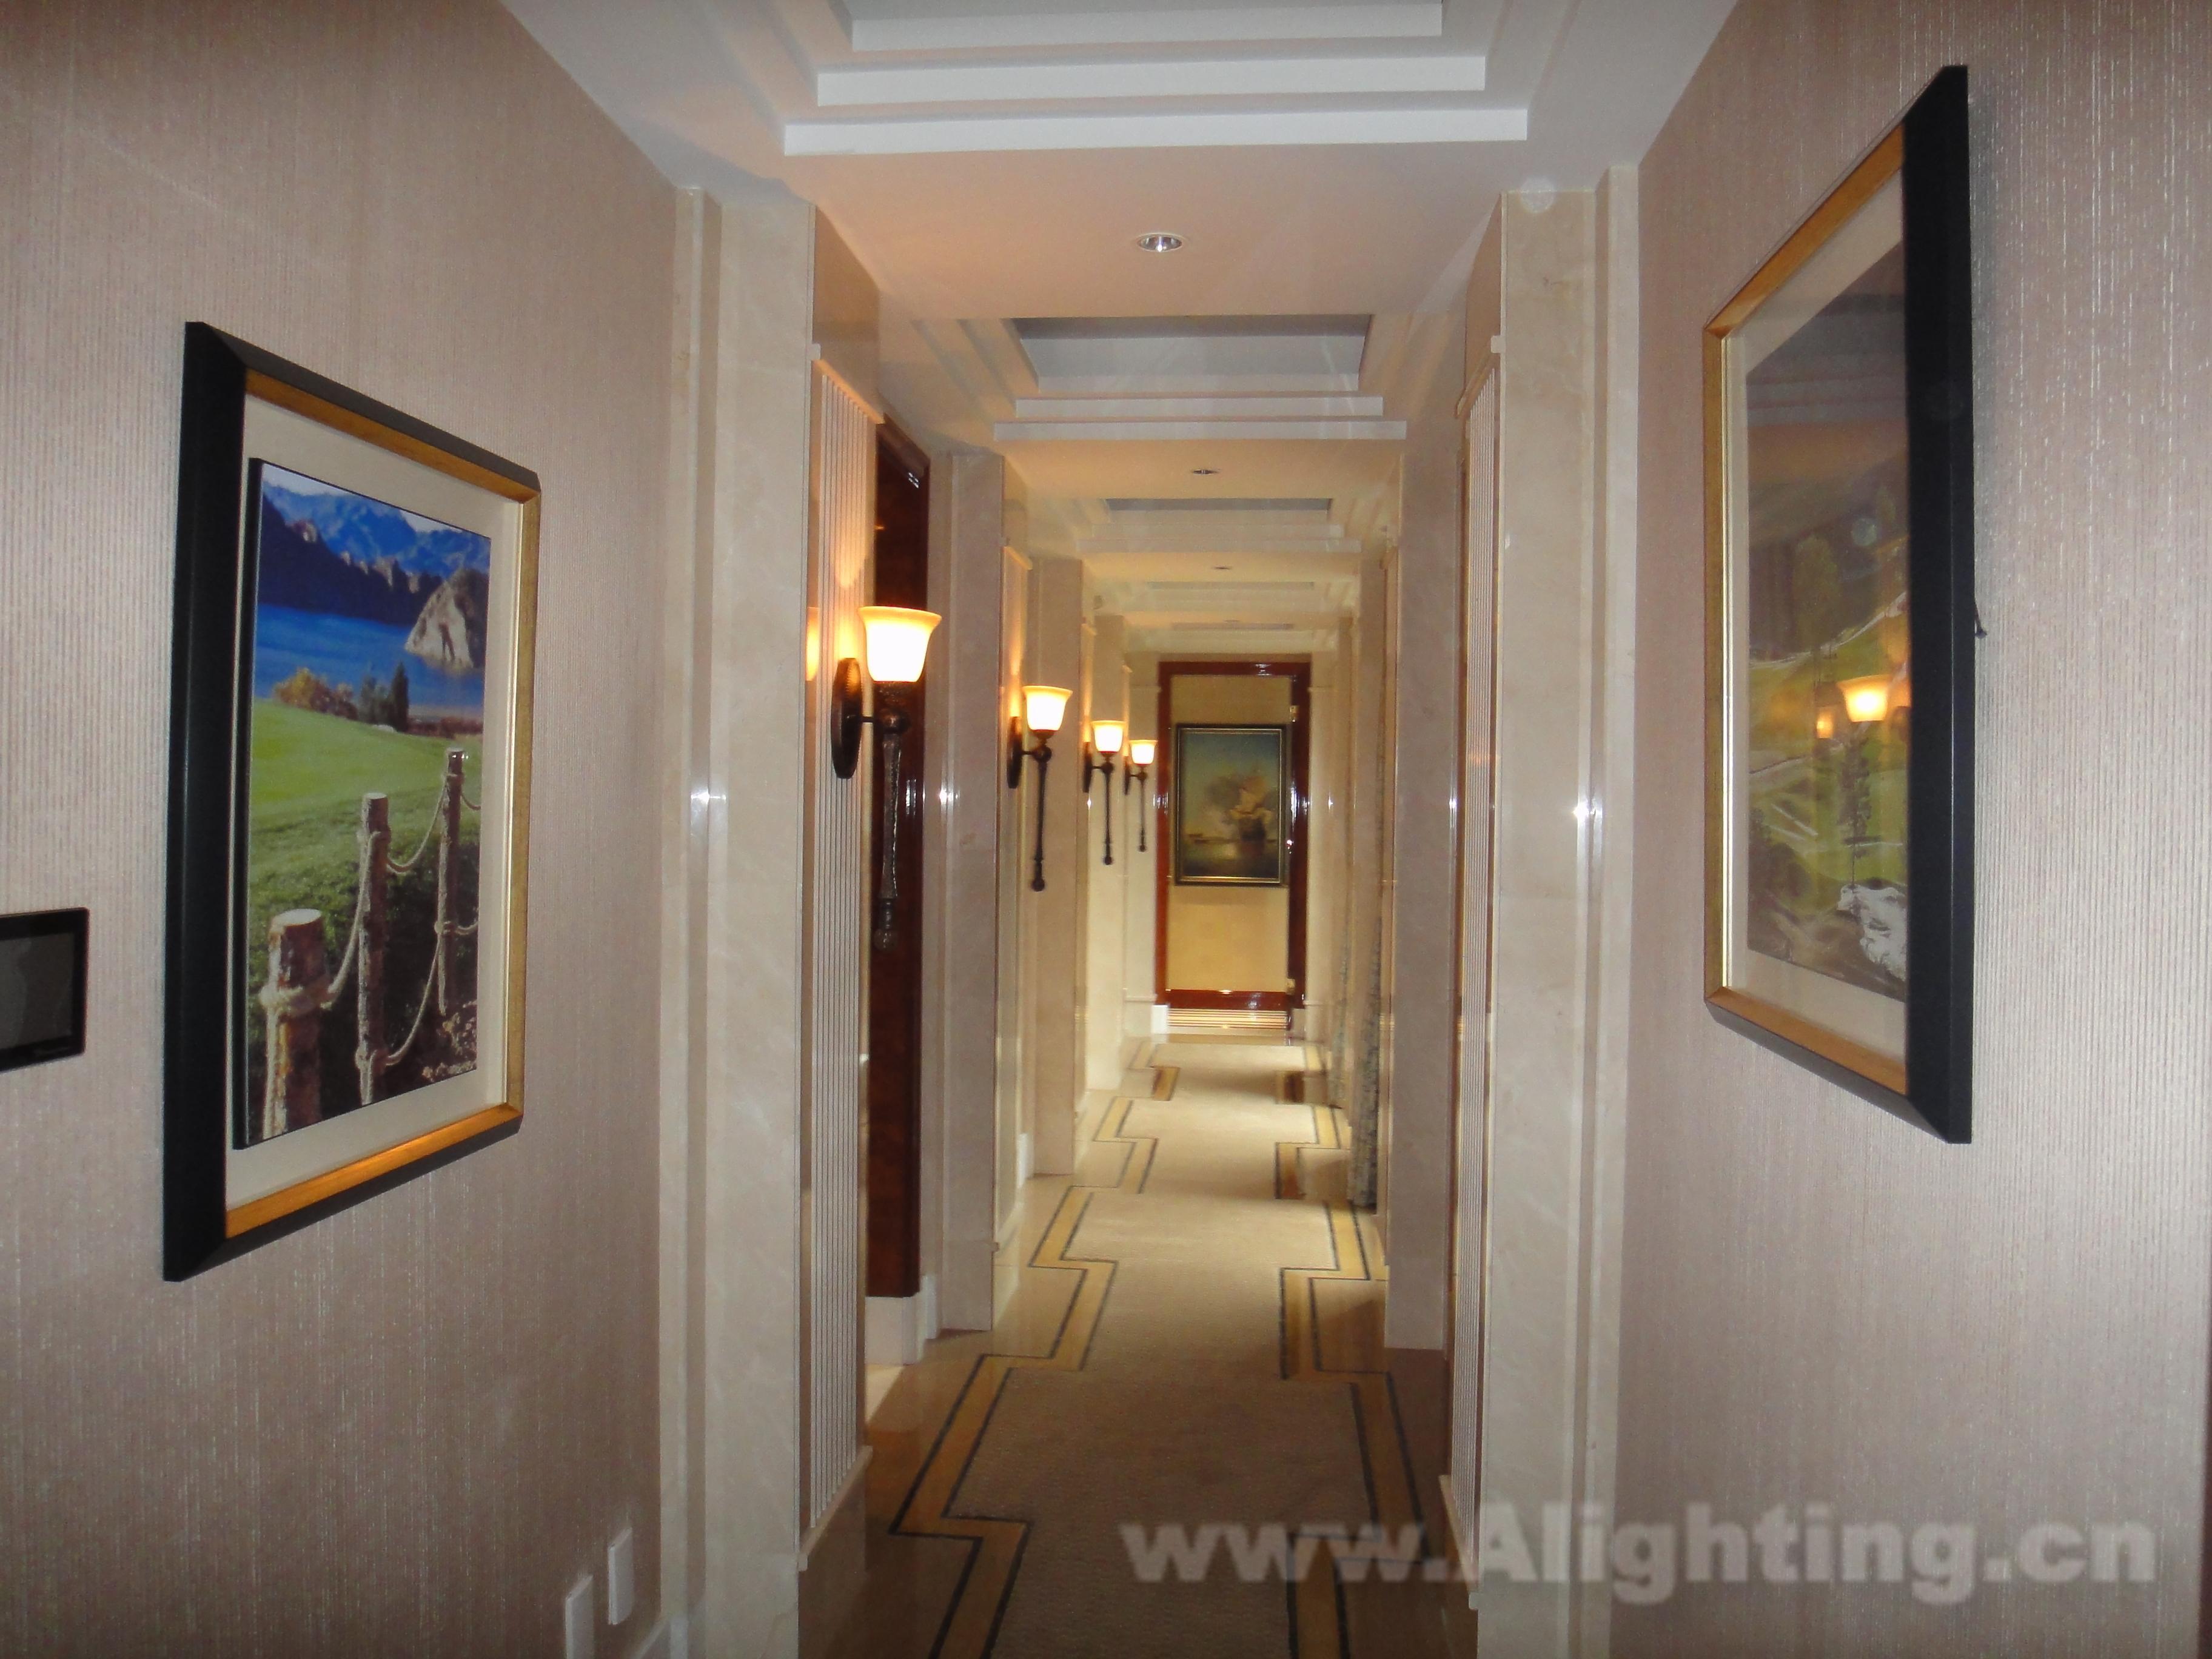 小型阳光房图片酒店过道效果图高清图片